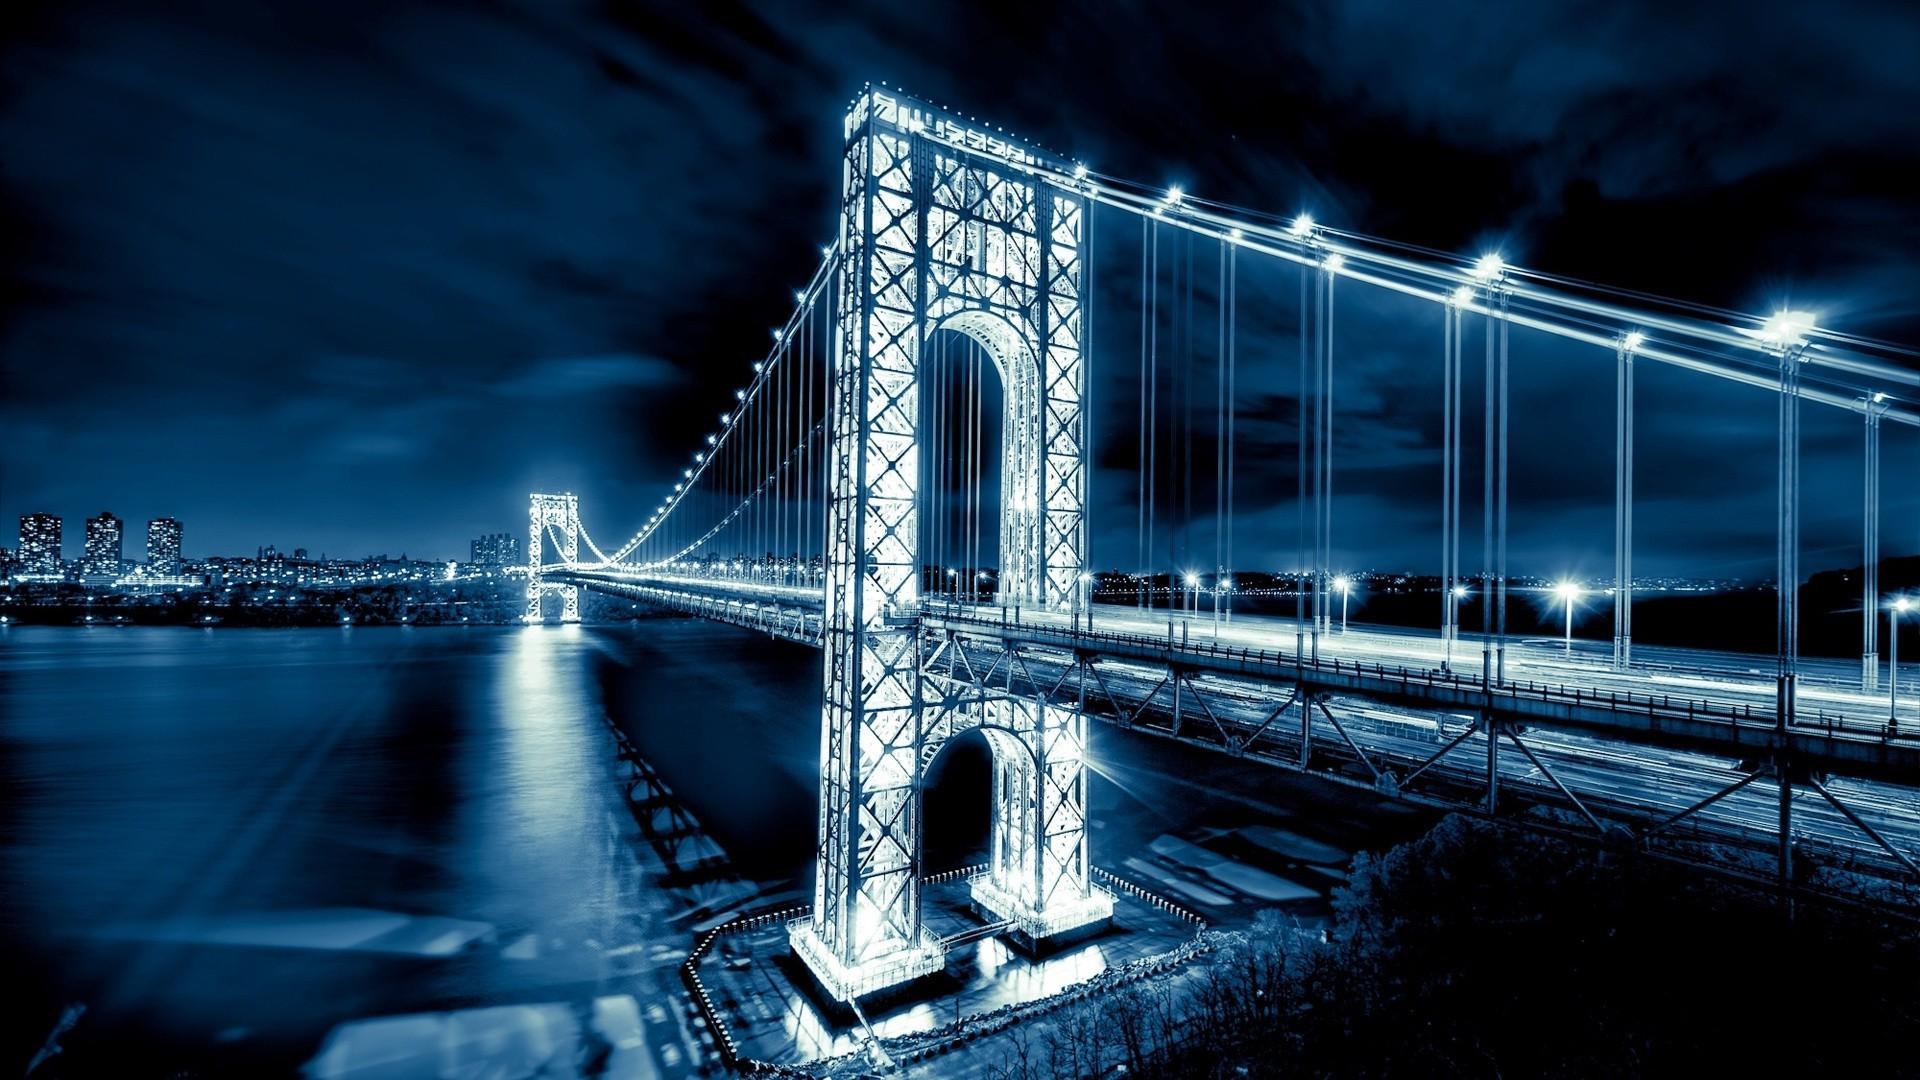 картинки на телефон мосты этом разделе